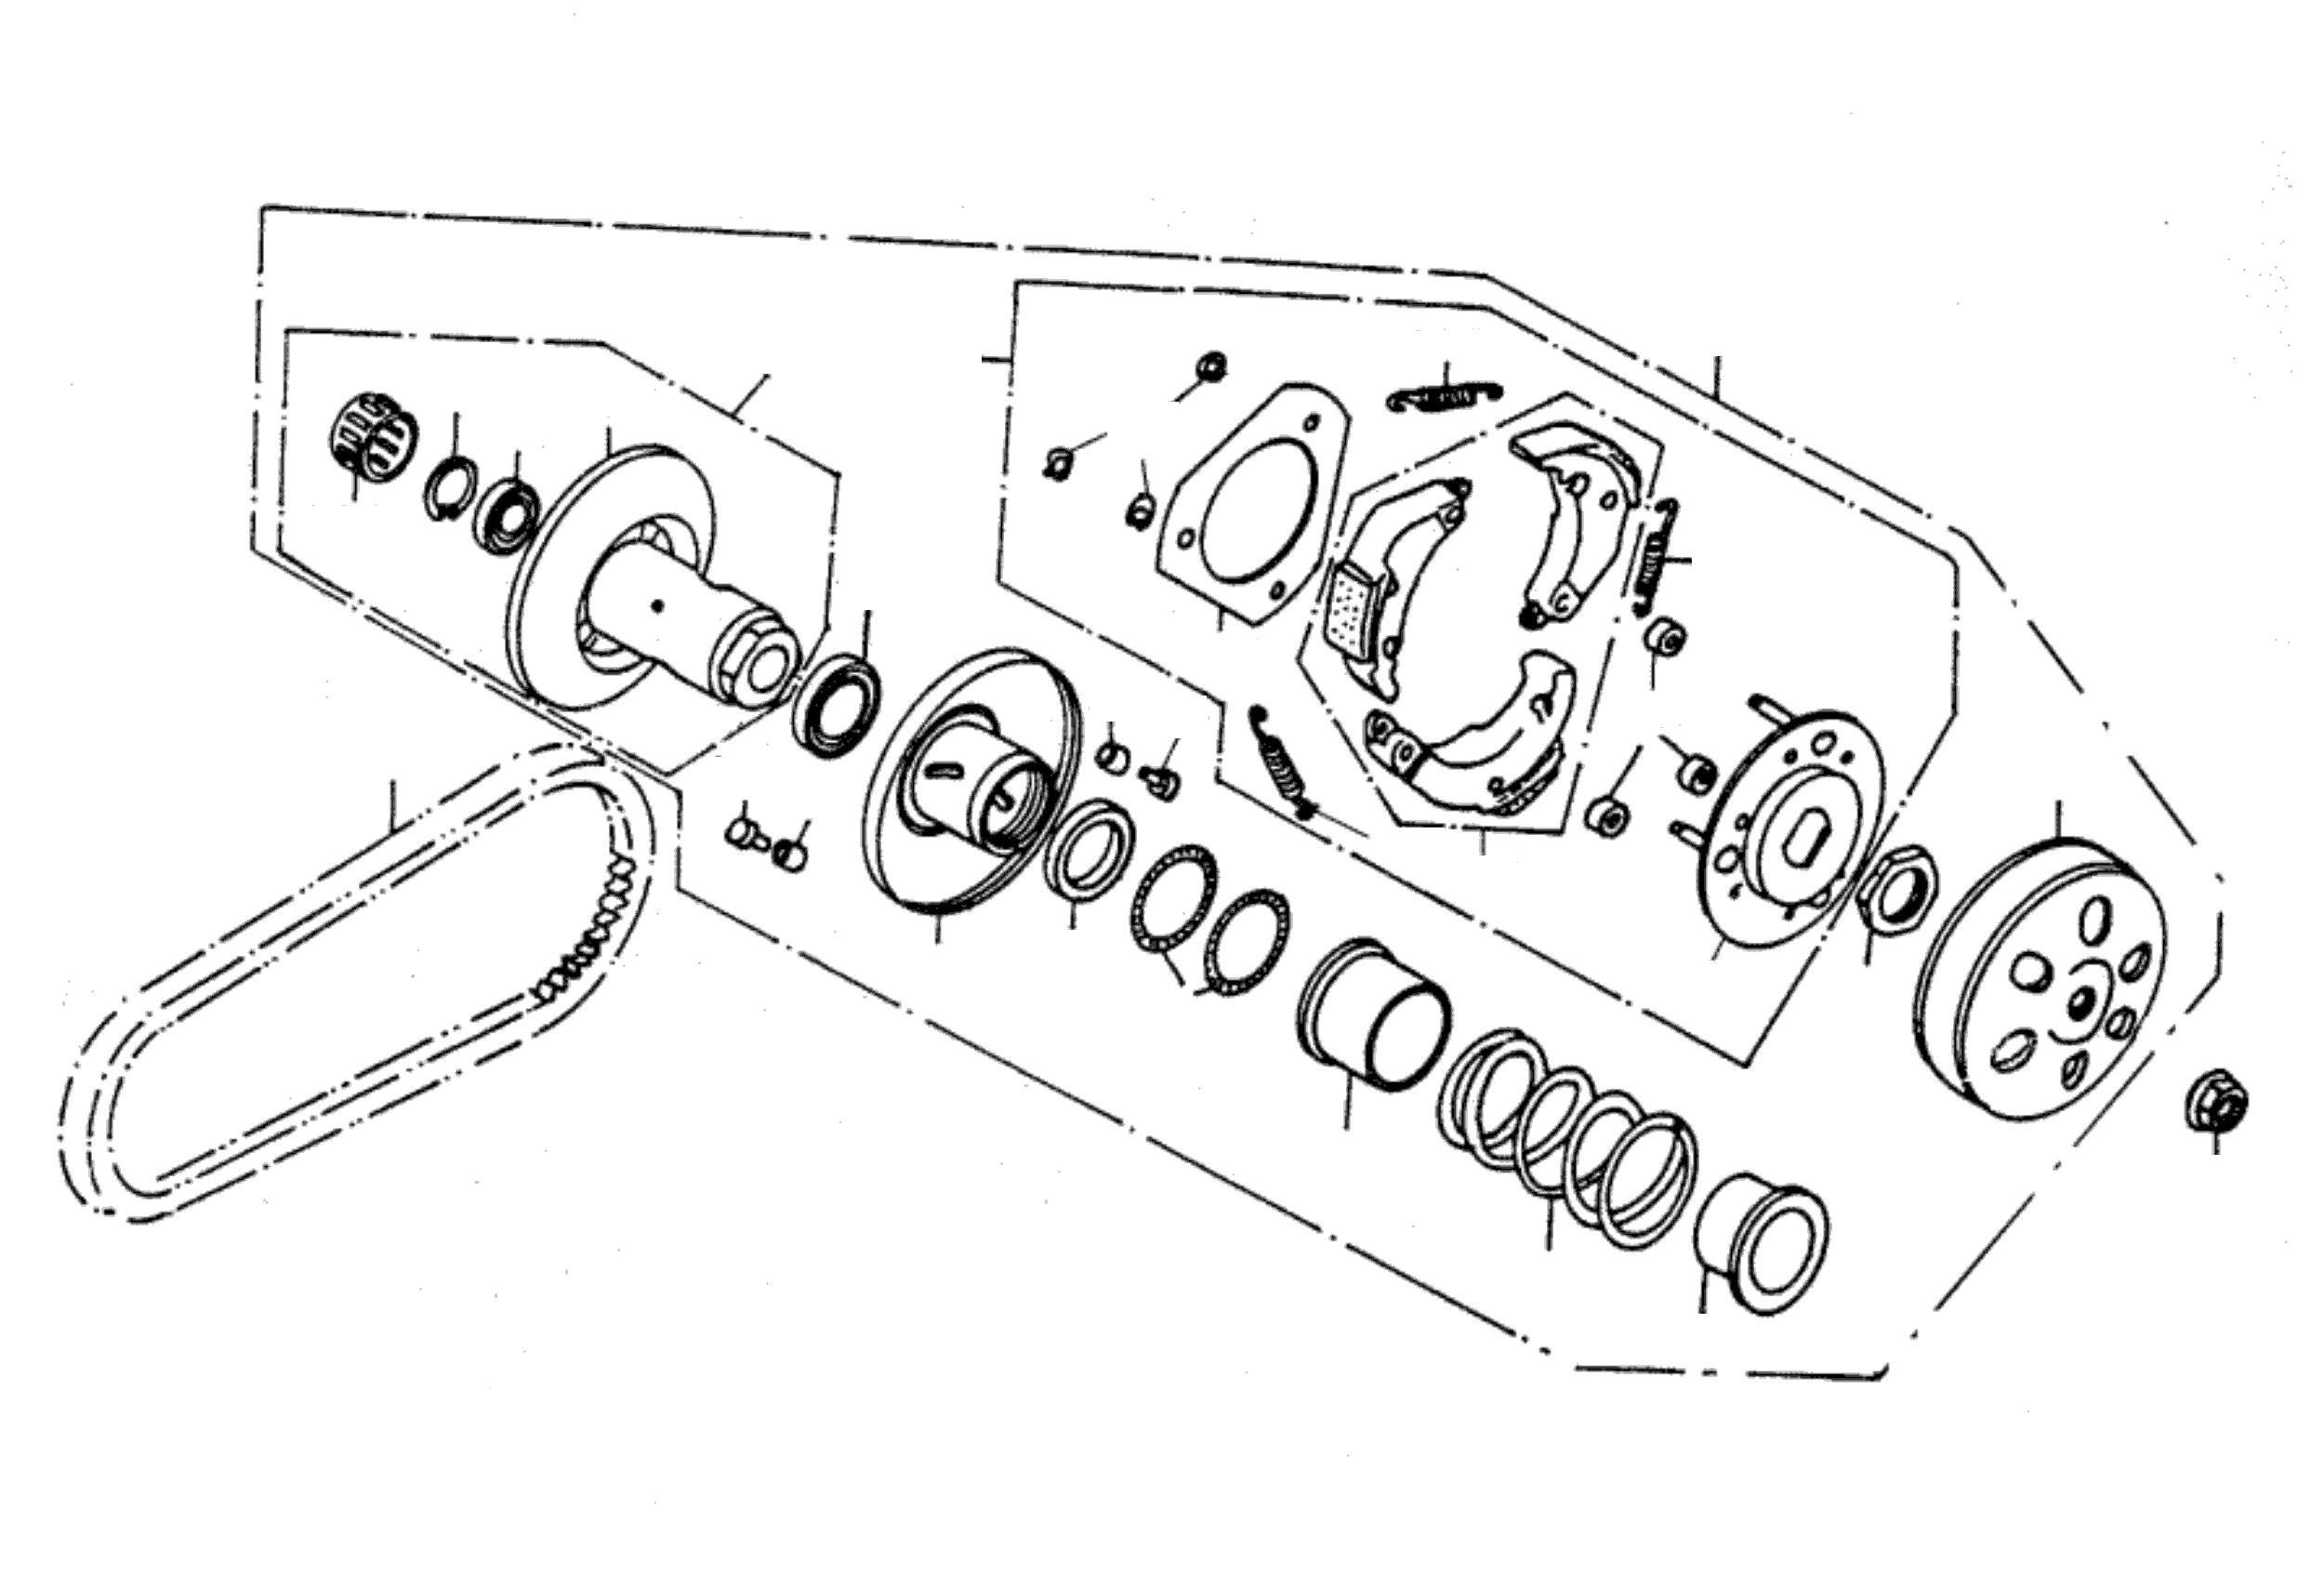 Keilriemen / Variomatik hinten / Kupplung